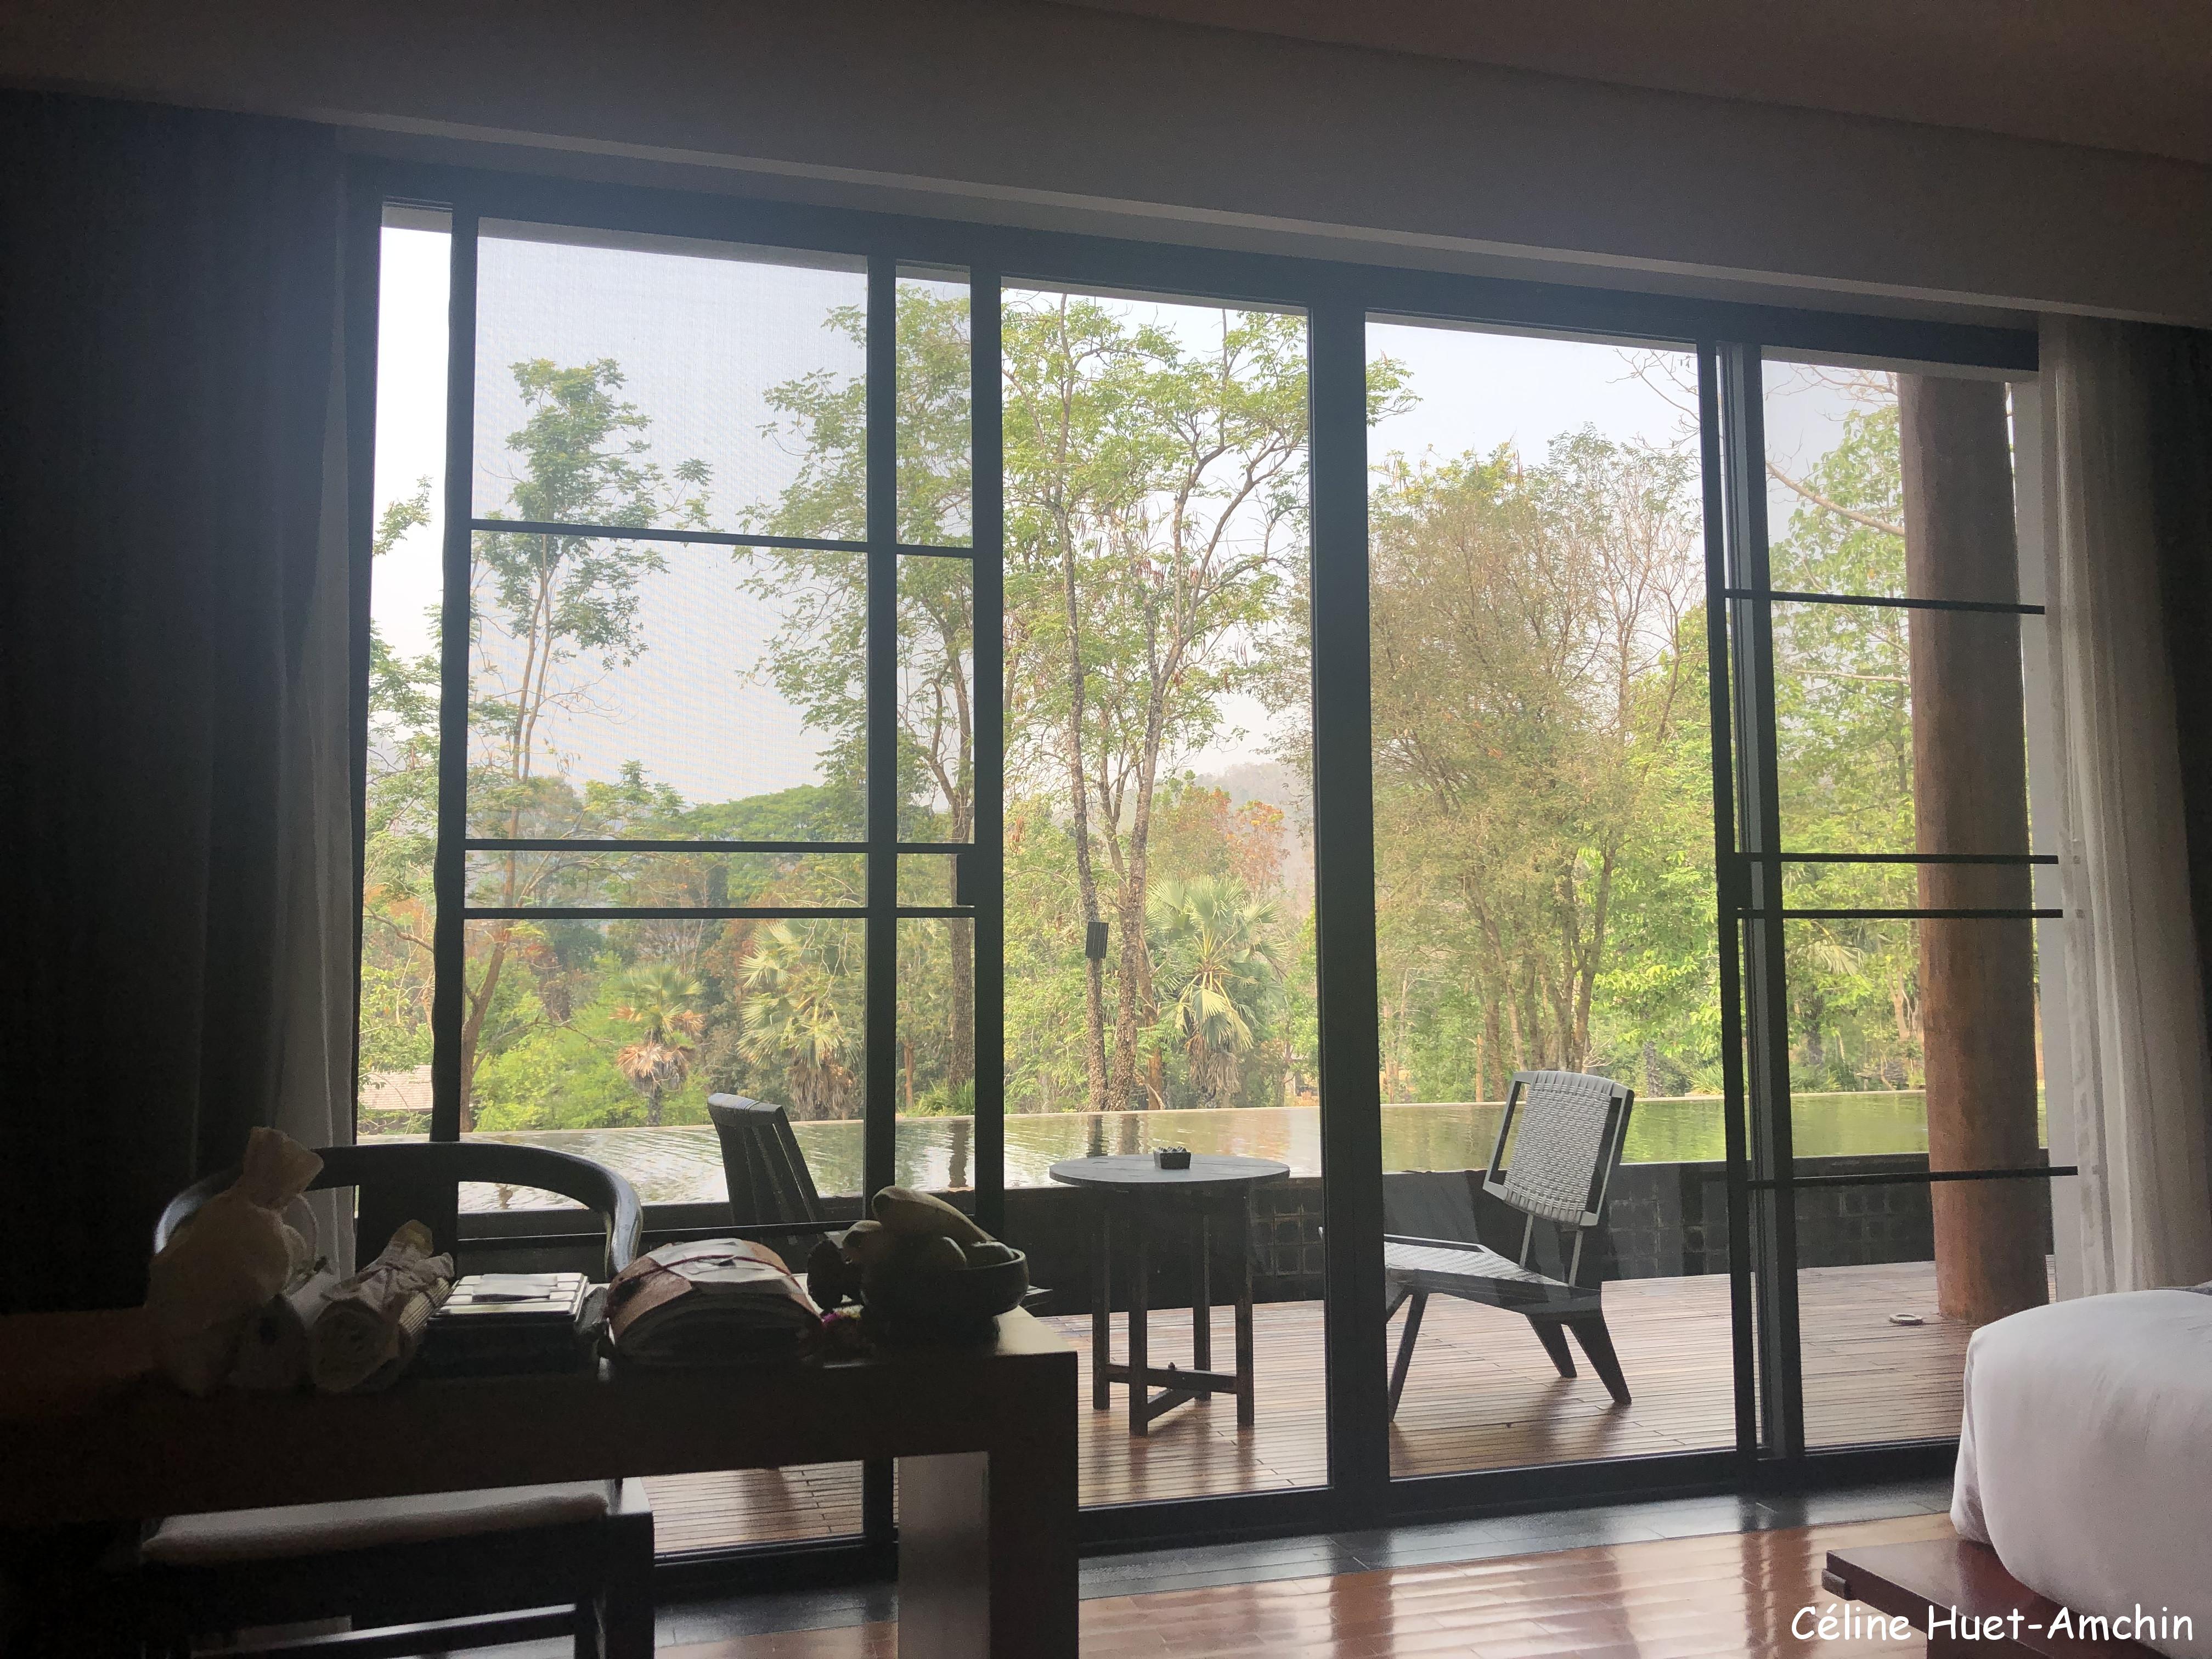 Chambre 204 Hôtel Veranda High Resort Chiang Mai Hang Dong Thaïlande Asie